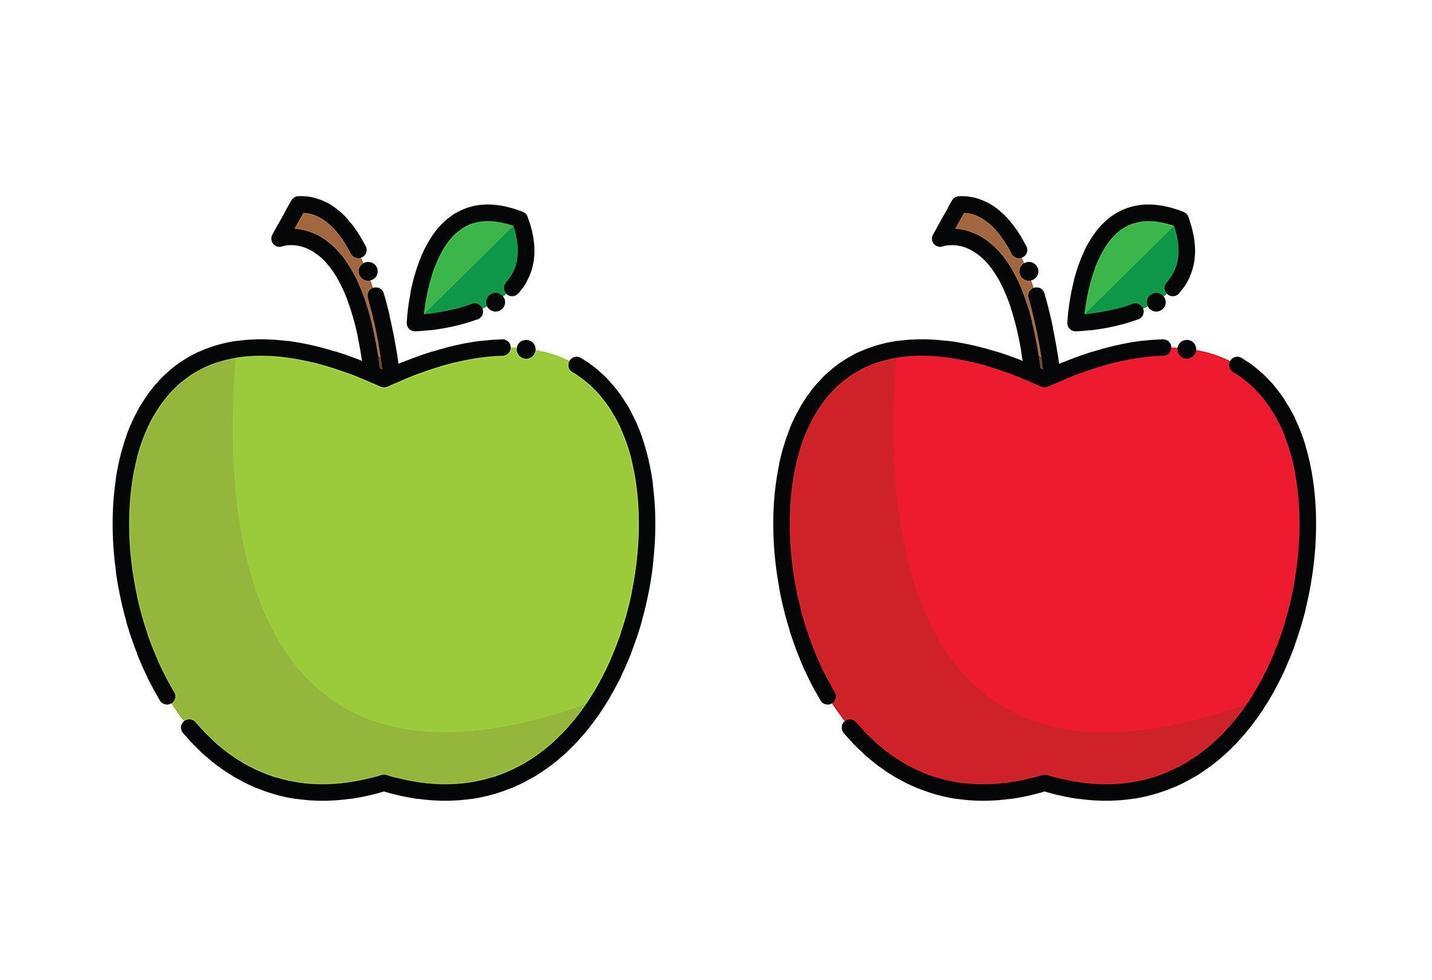 rode appel en groene appelpictogrammen vector